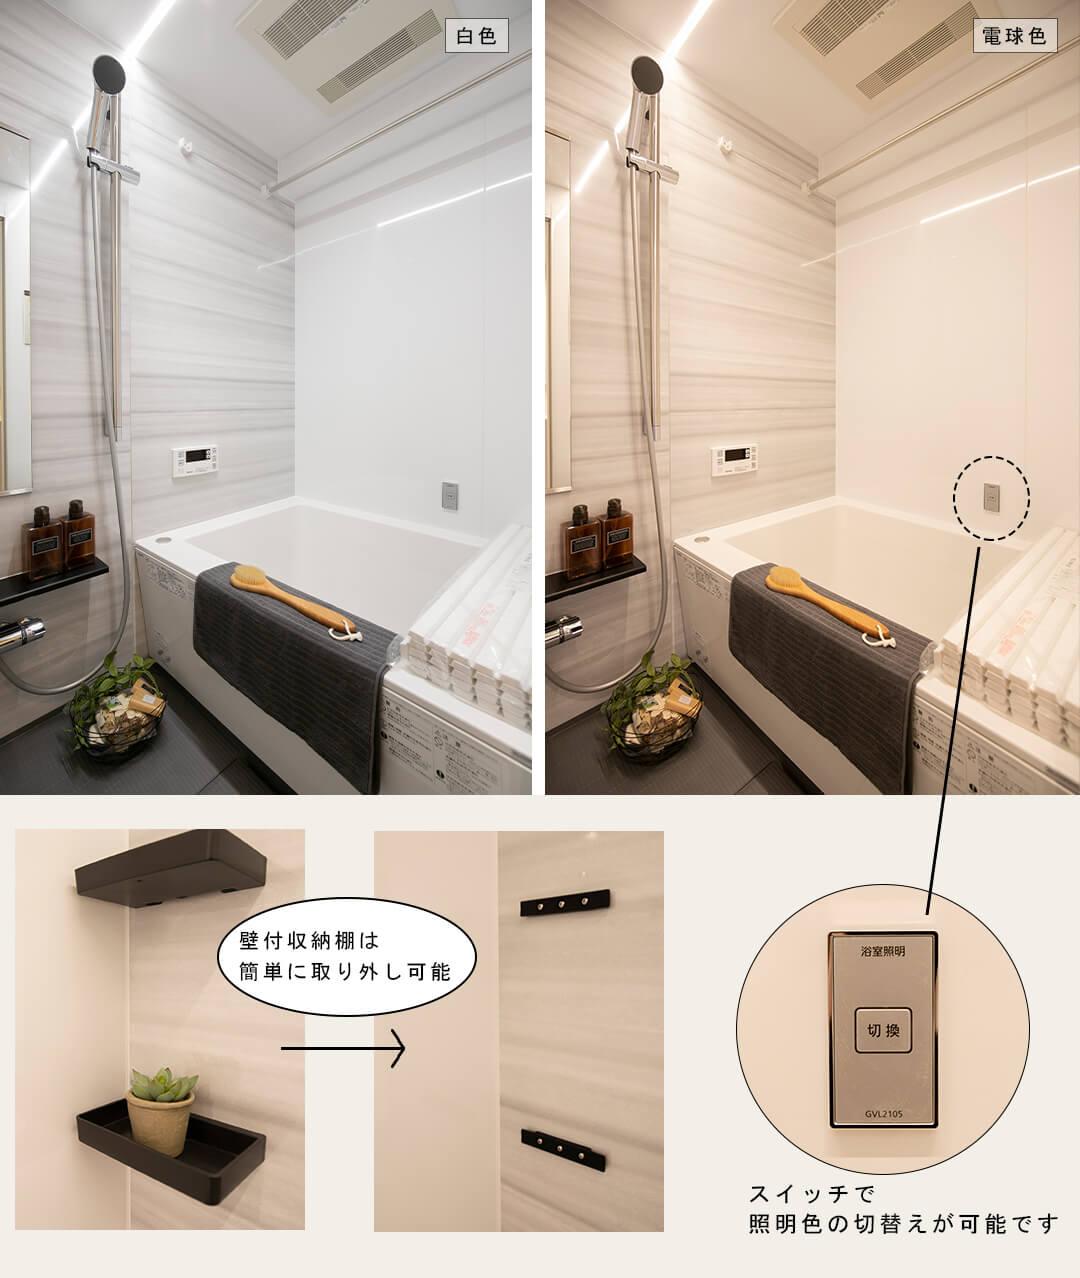 マンション弦巻の浴室